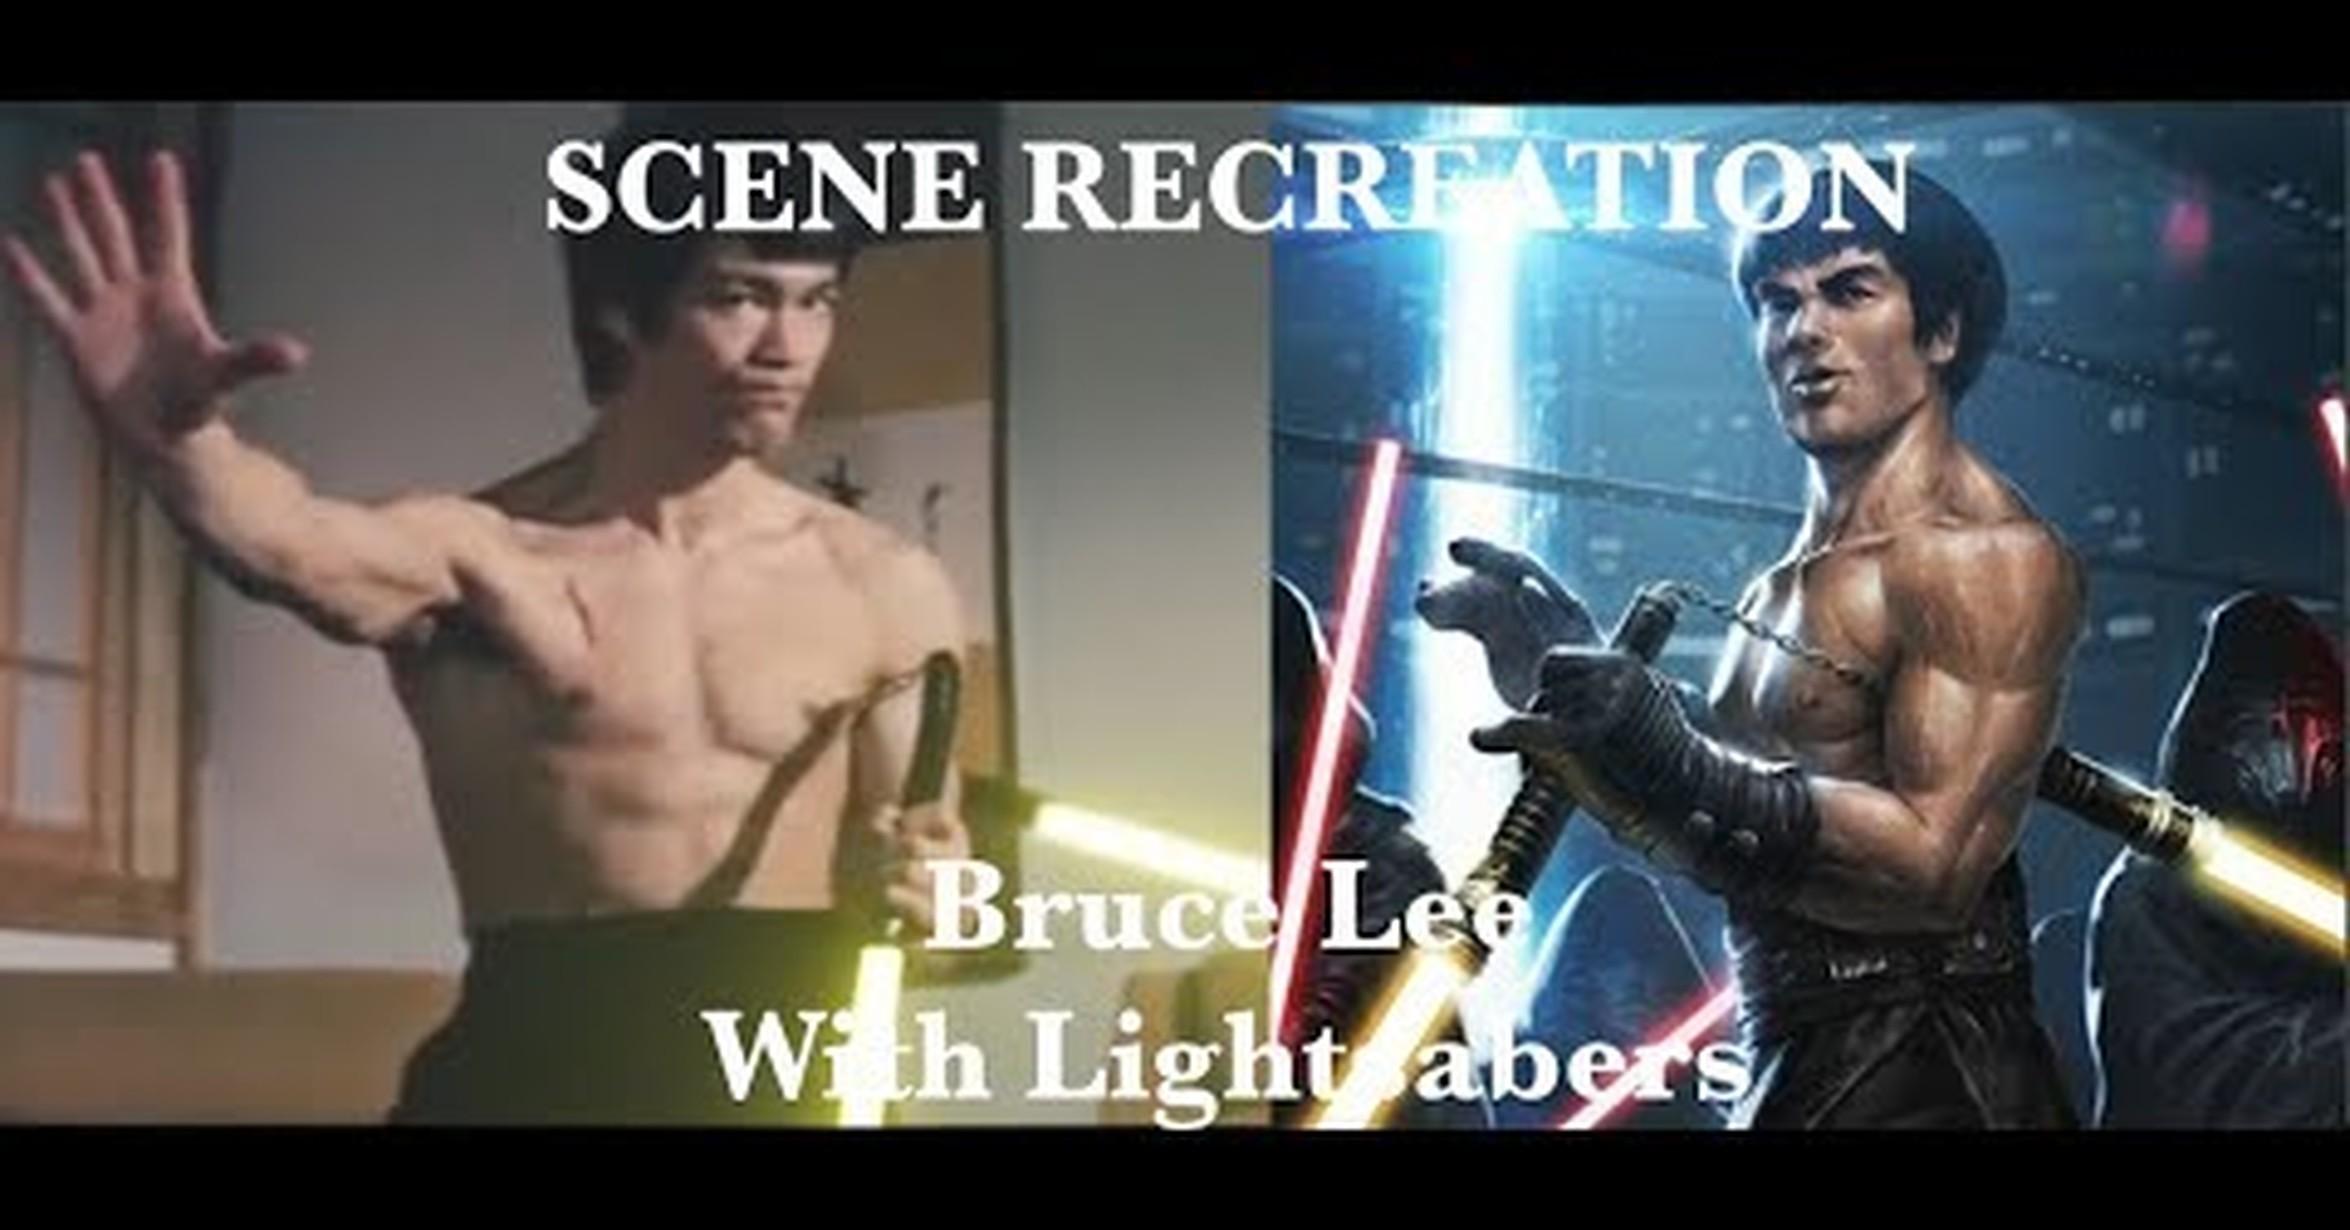 No Tengo Tele Anaden Sables Laser A Las Peliculas De Bruce Lee Y